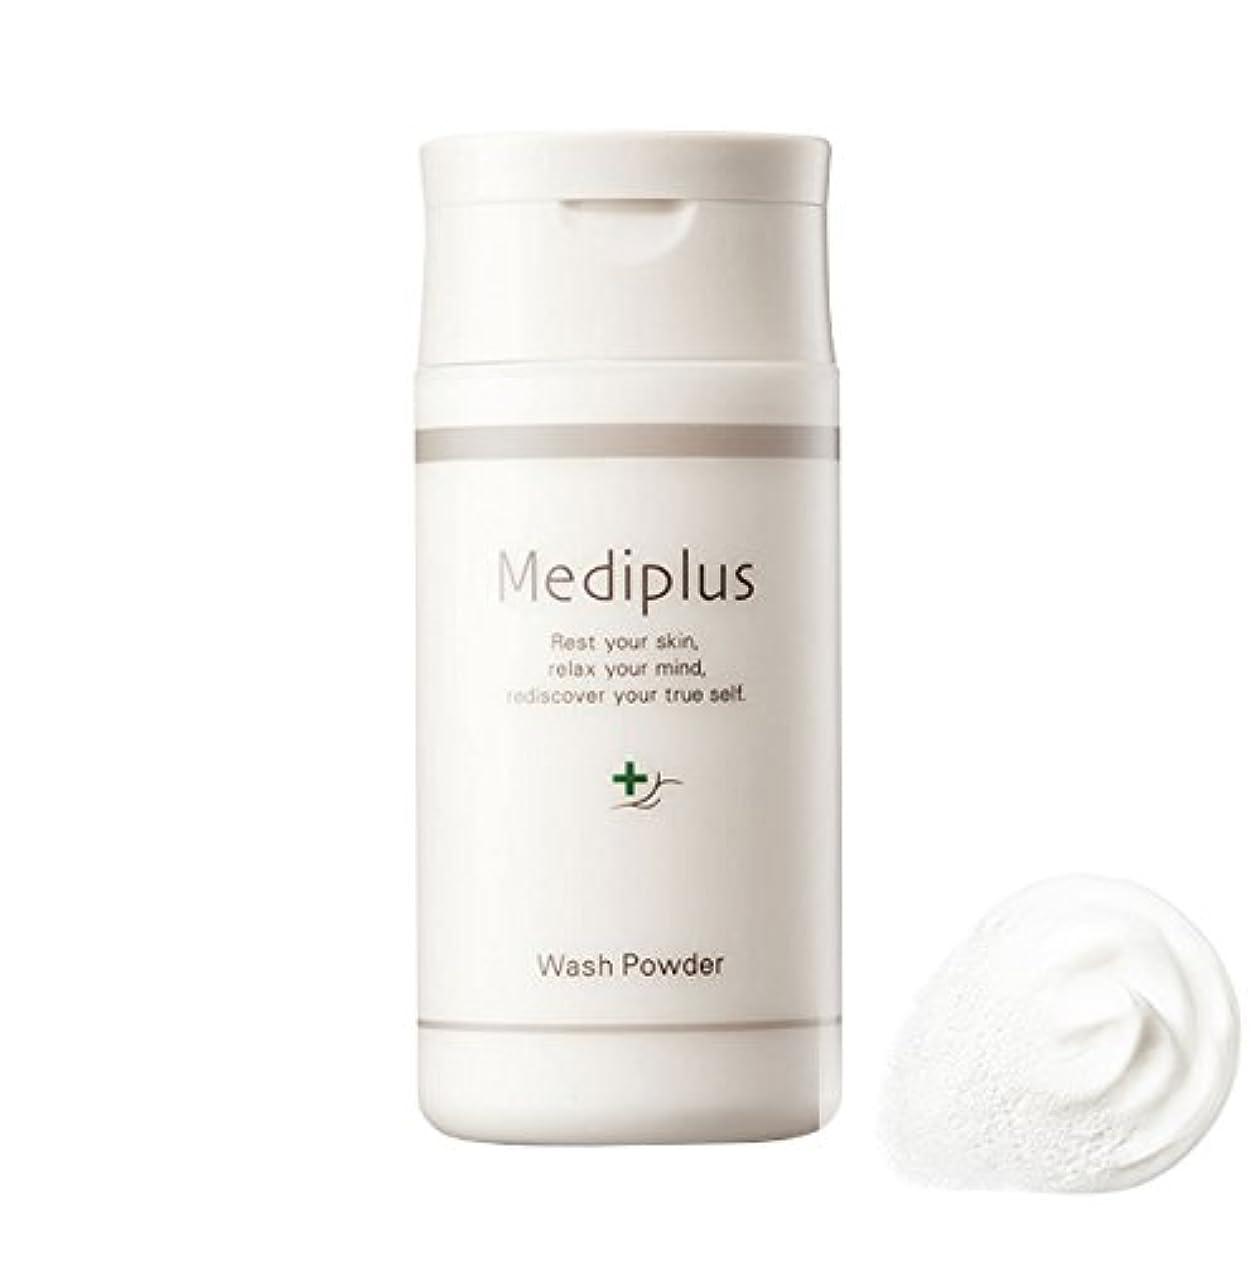 ラッドヤードキップリング月面トロピカルmediplus メディプラス 酵素洗顔料 ウォッシュパウダー 60g 約2ヶ月分